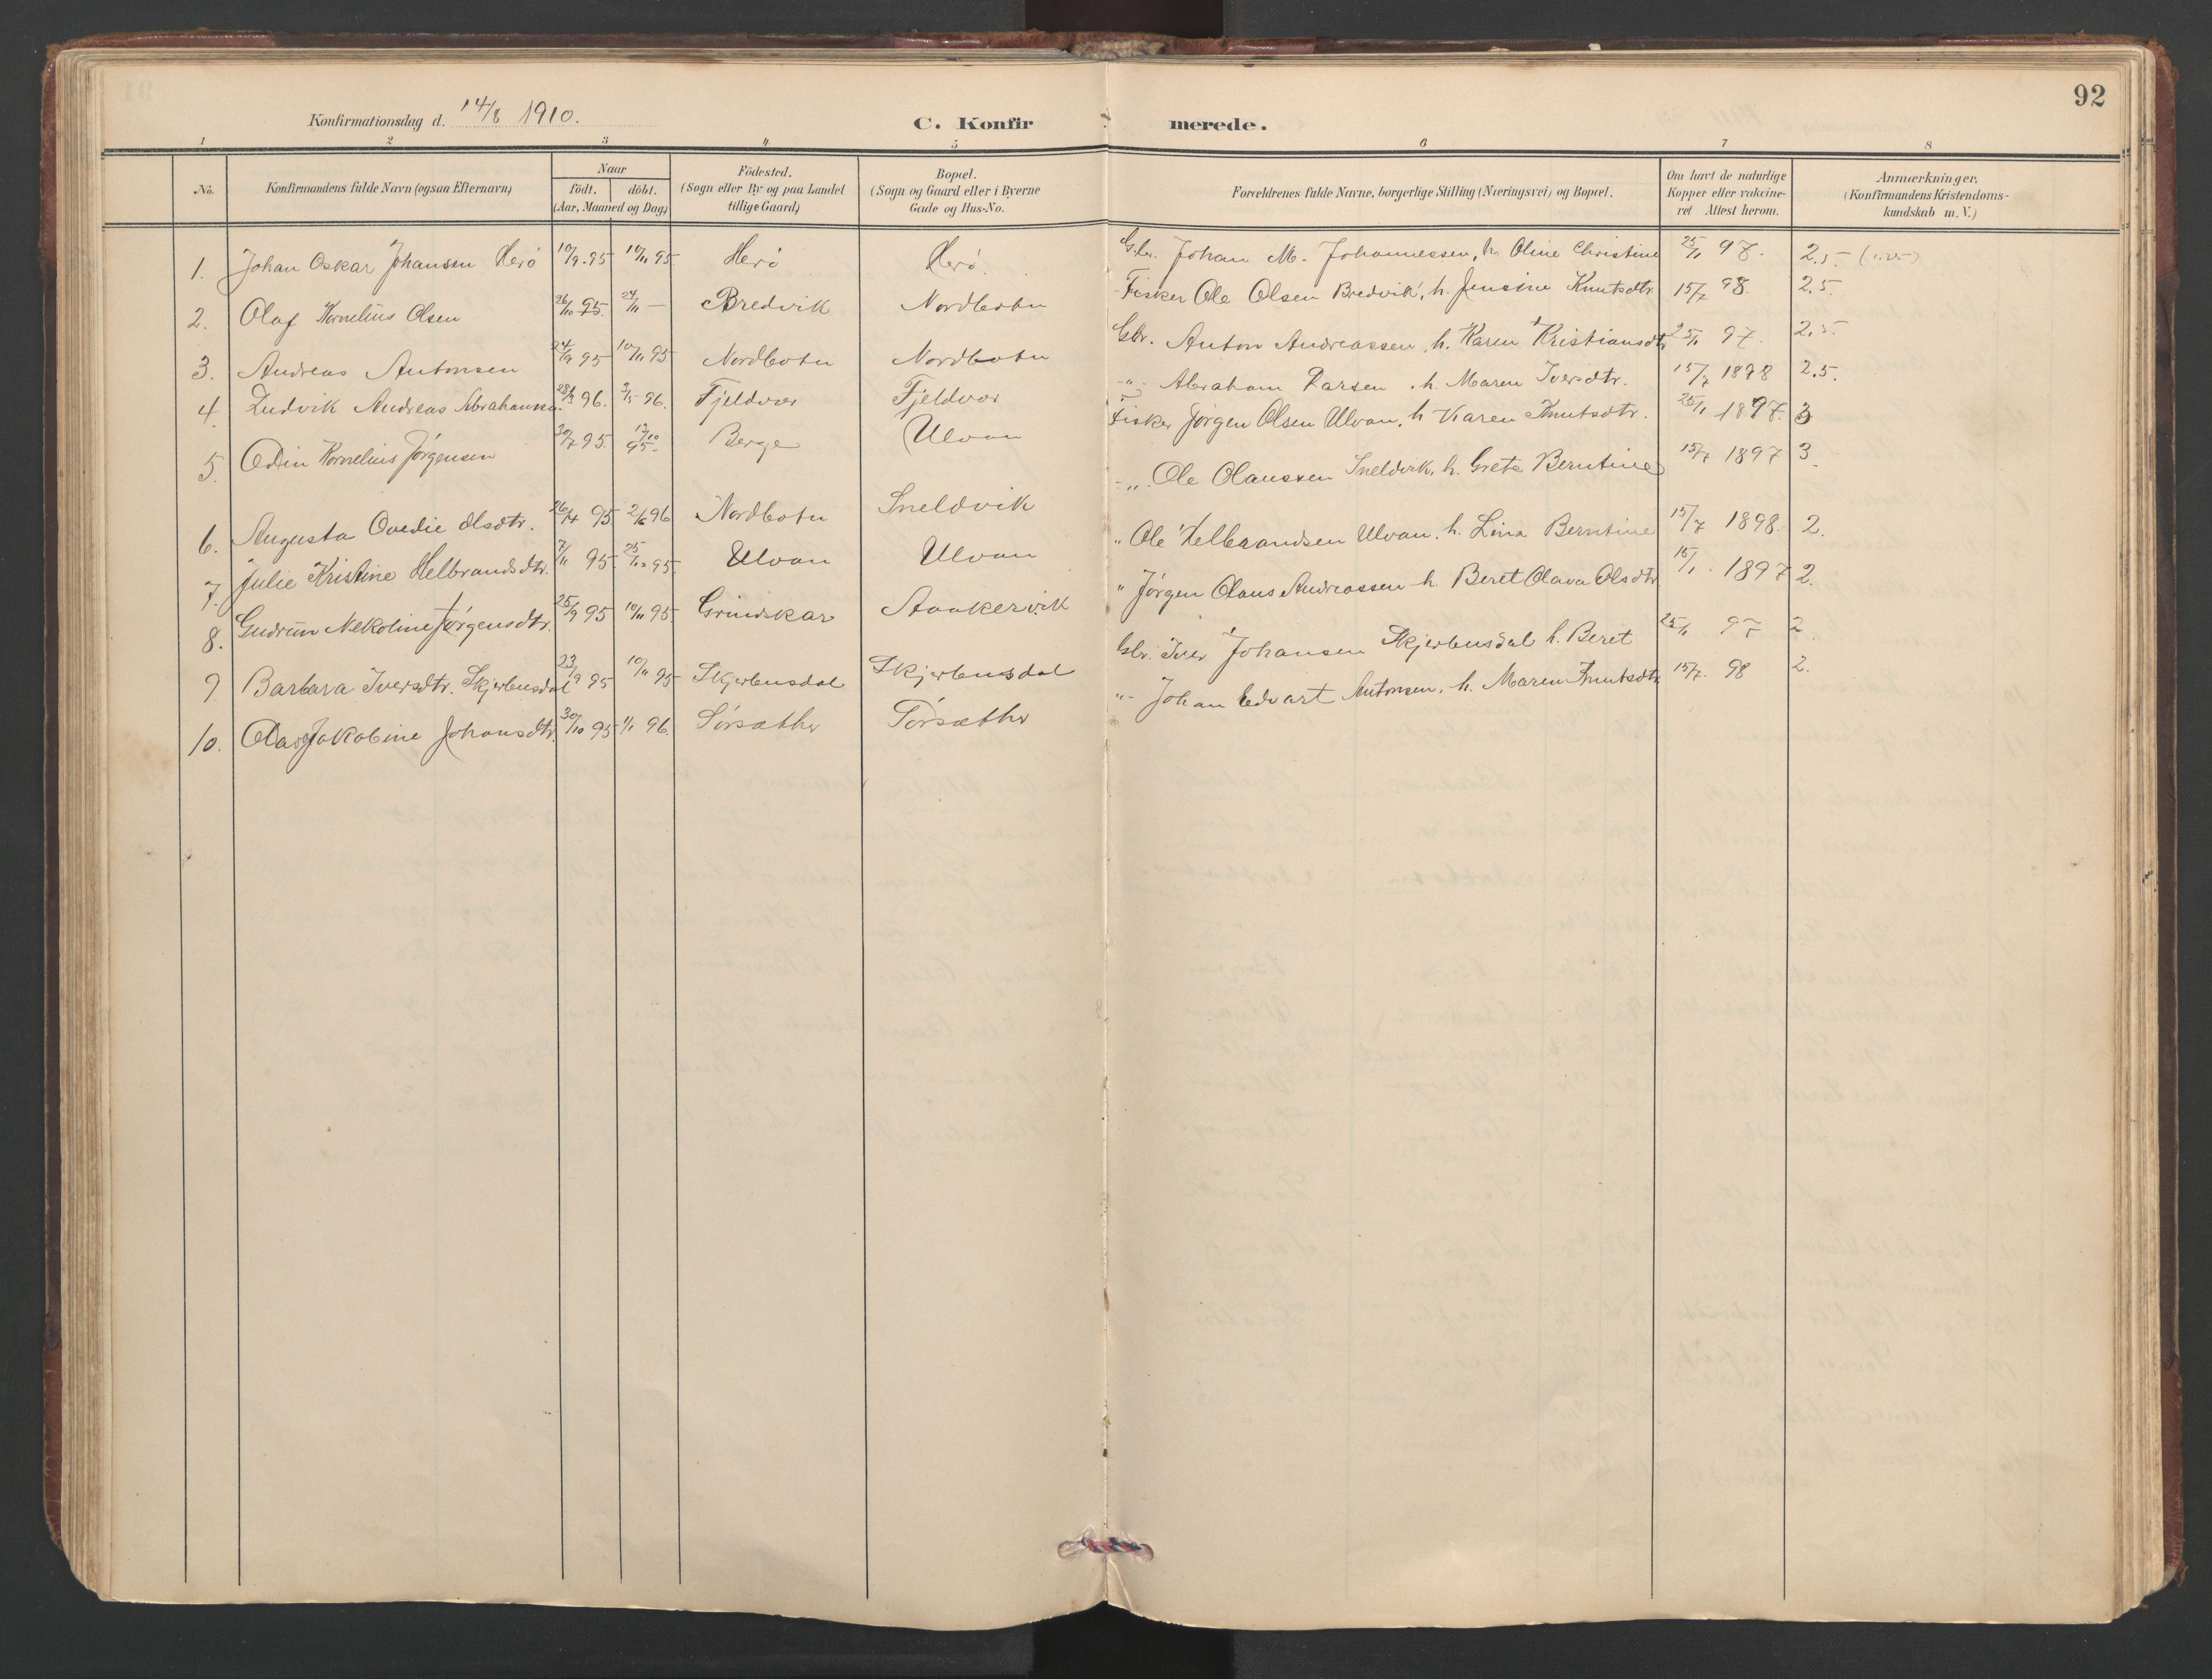 SAT, Ministerialprotokoller, klokkerbøker og fødselsregistre - Sør-Trøndelag, 638/L0571: Klokkerbok nr. 638C03, 1901-1930, s. 92